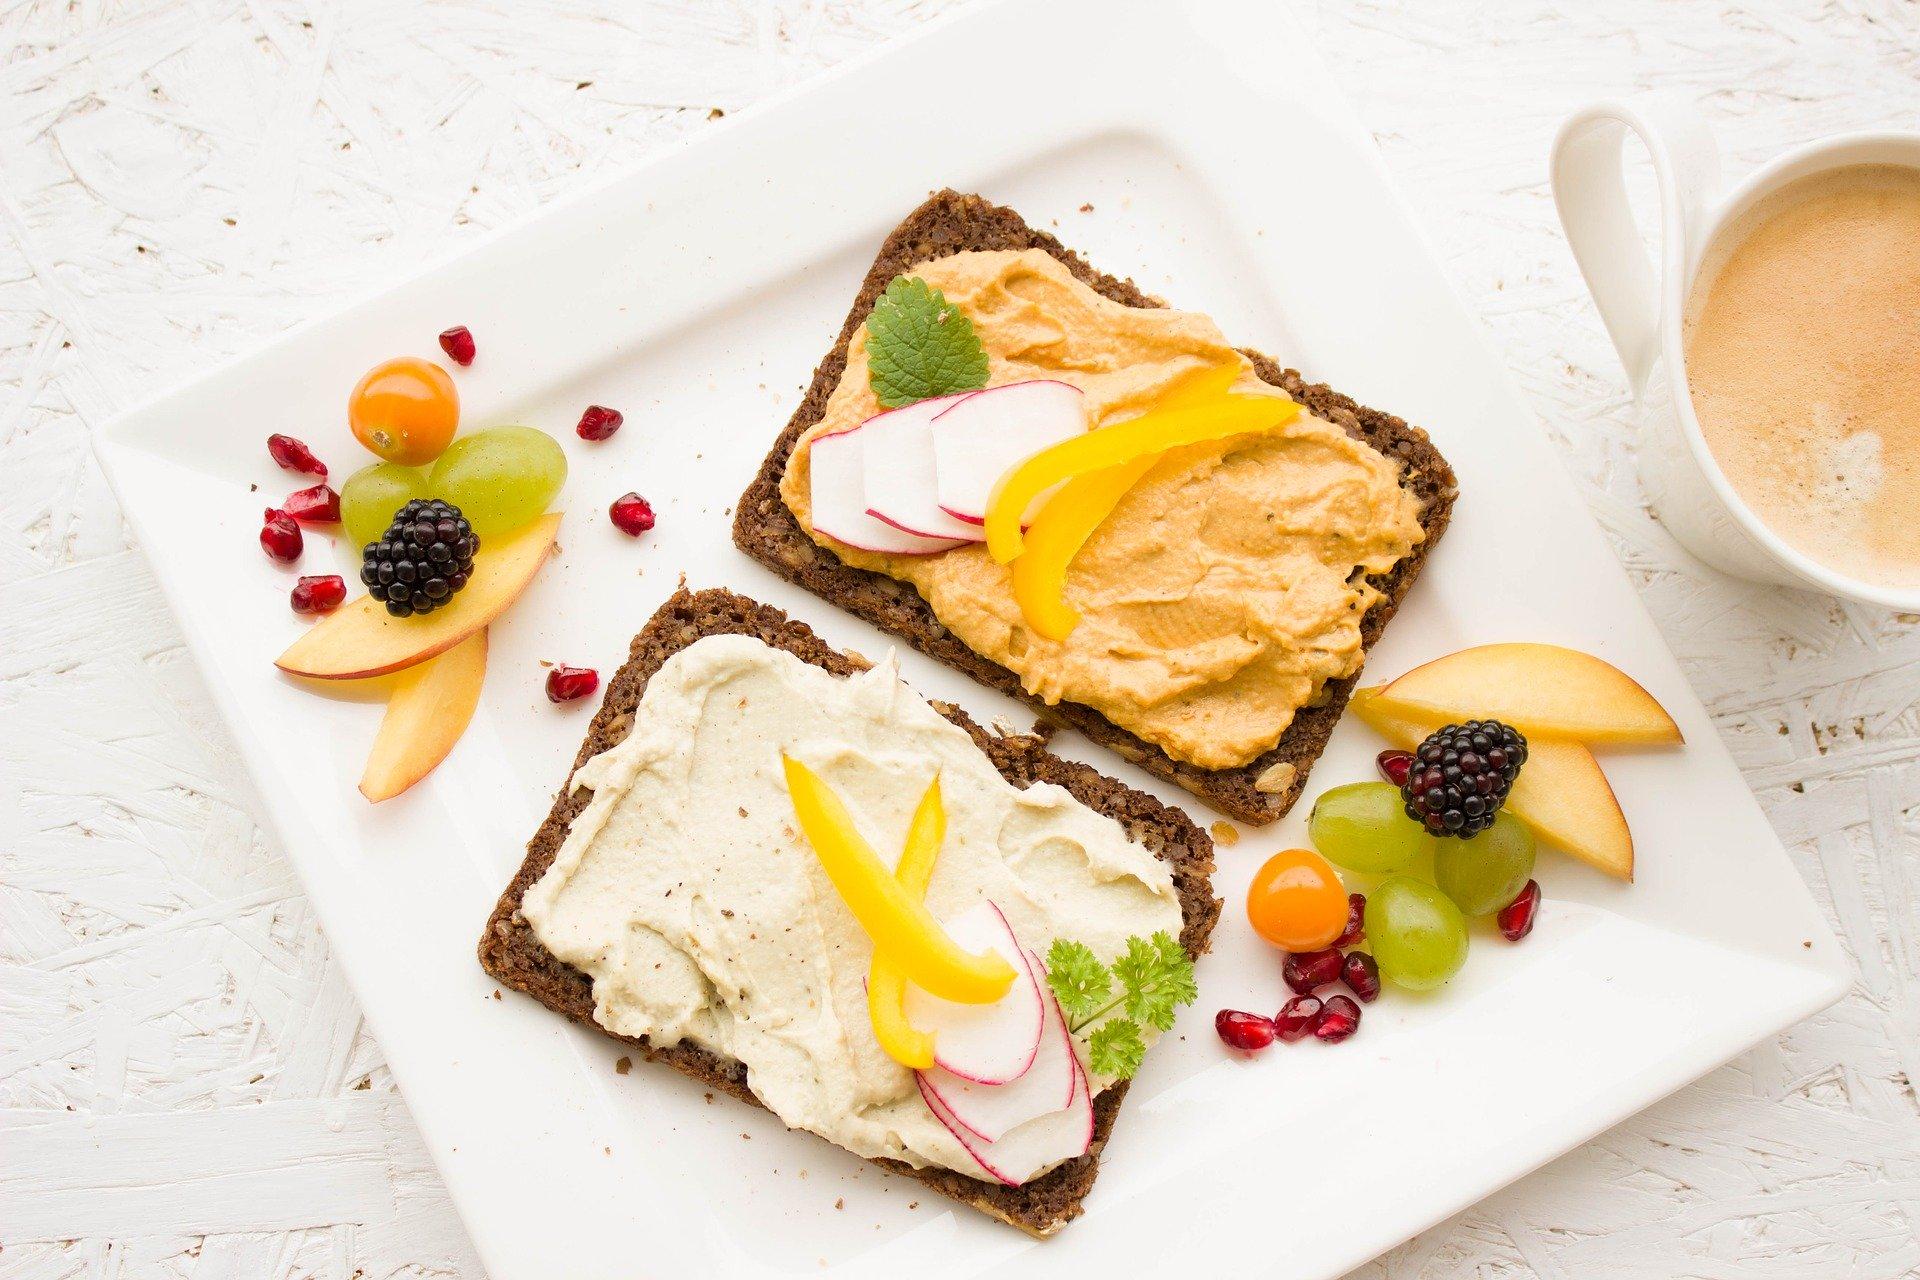 Zondag 12 juli - Ontbijtje, zelf gemaakt en lokale producten